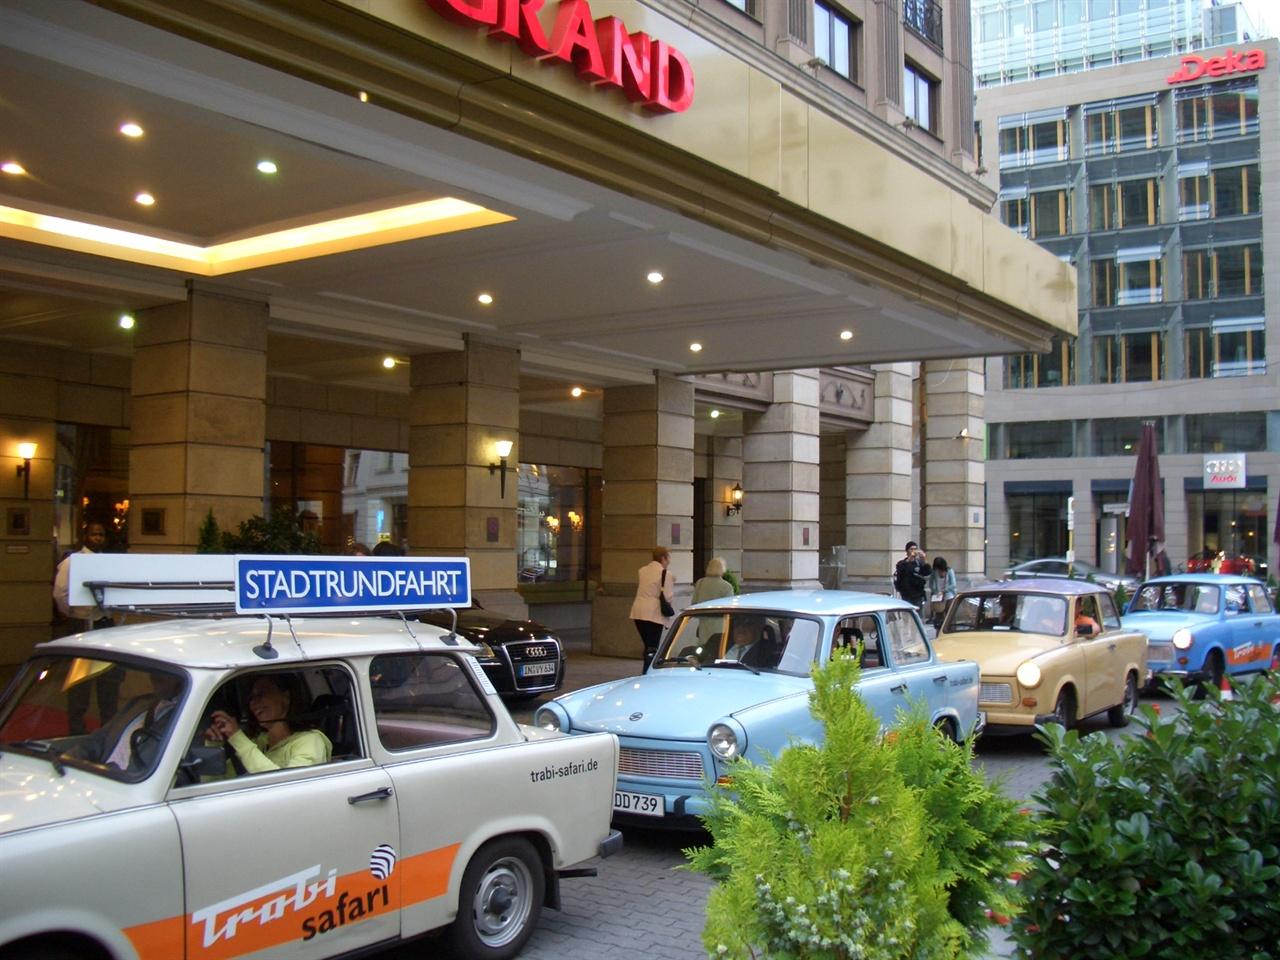 오스탈기 붐과 함께 생겨난 동독 자동차(트라비) 시승상품.